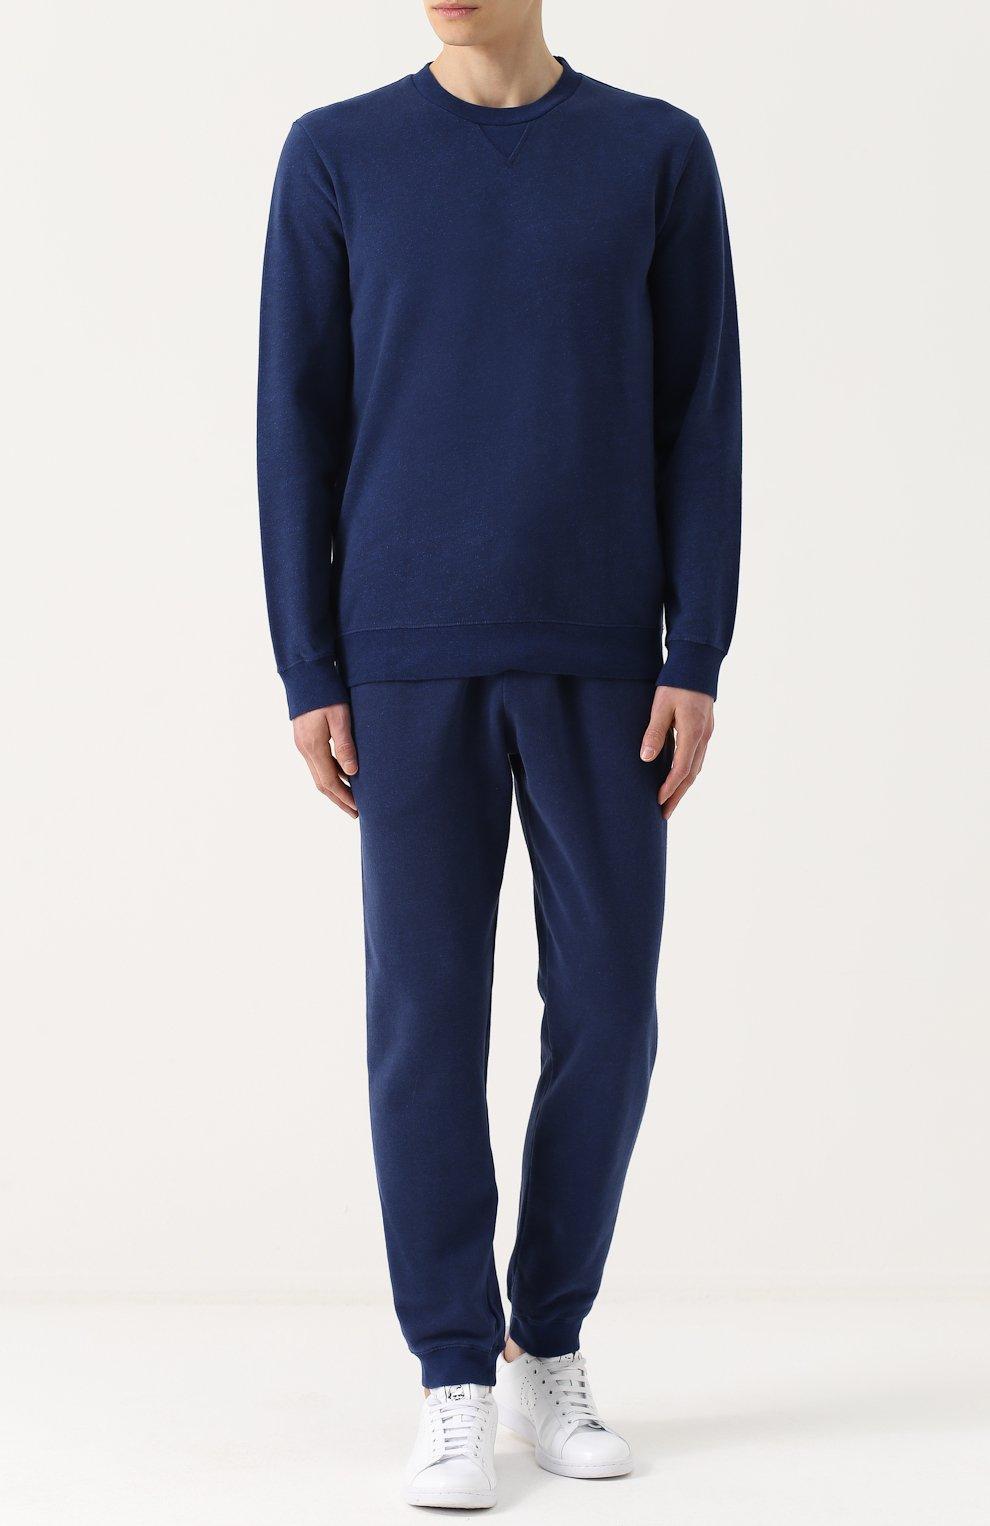 Мужские хлопковые джоггеры DEREK ROSE темно-синего цвета, арт. 9250-DEV0001 | Фото 2 (Мужское Кросс-КТ: Брюки-трикотаж; Длина (брюки, джинсы): Стандартные; Материал внешний: Хлопок; Силуэт М (брюки): Джоггеры)